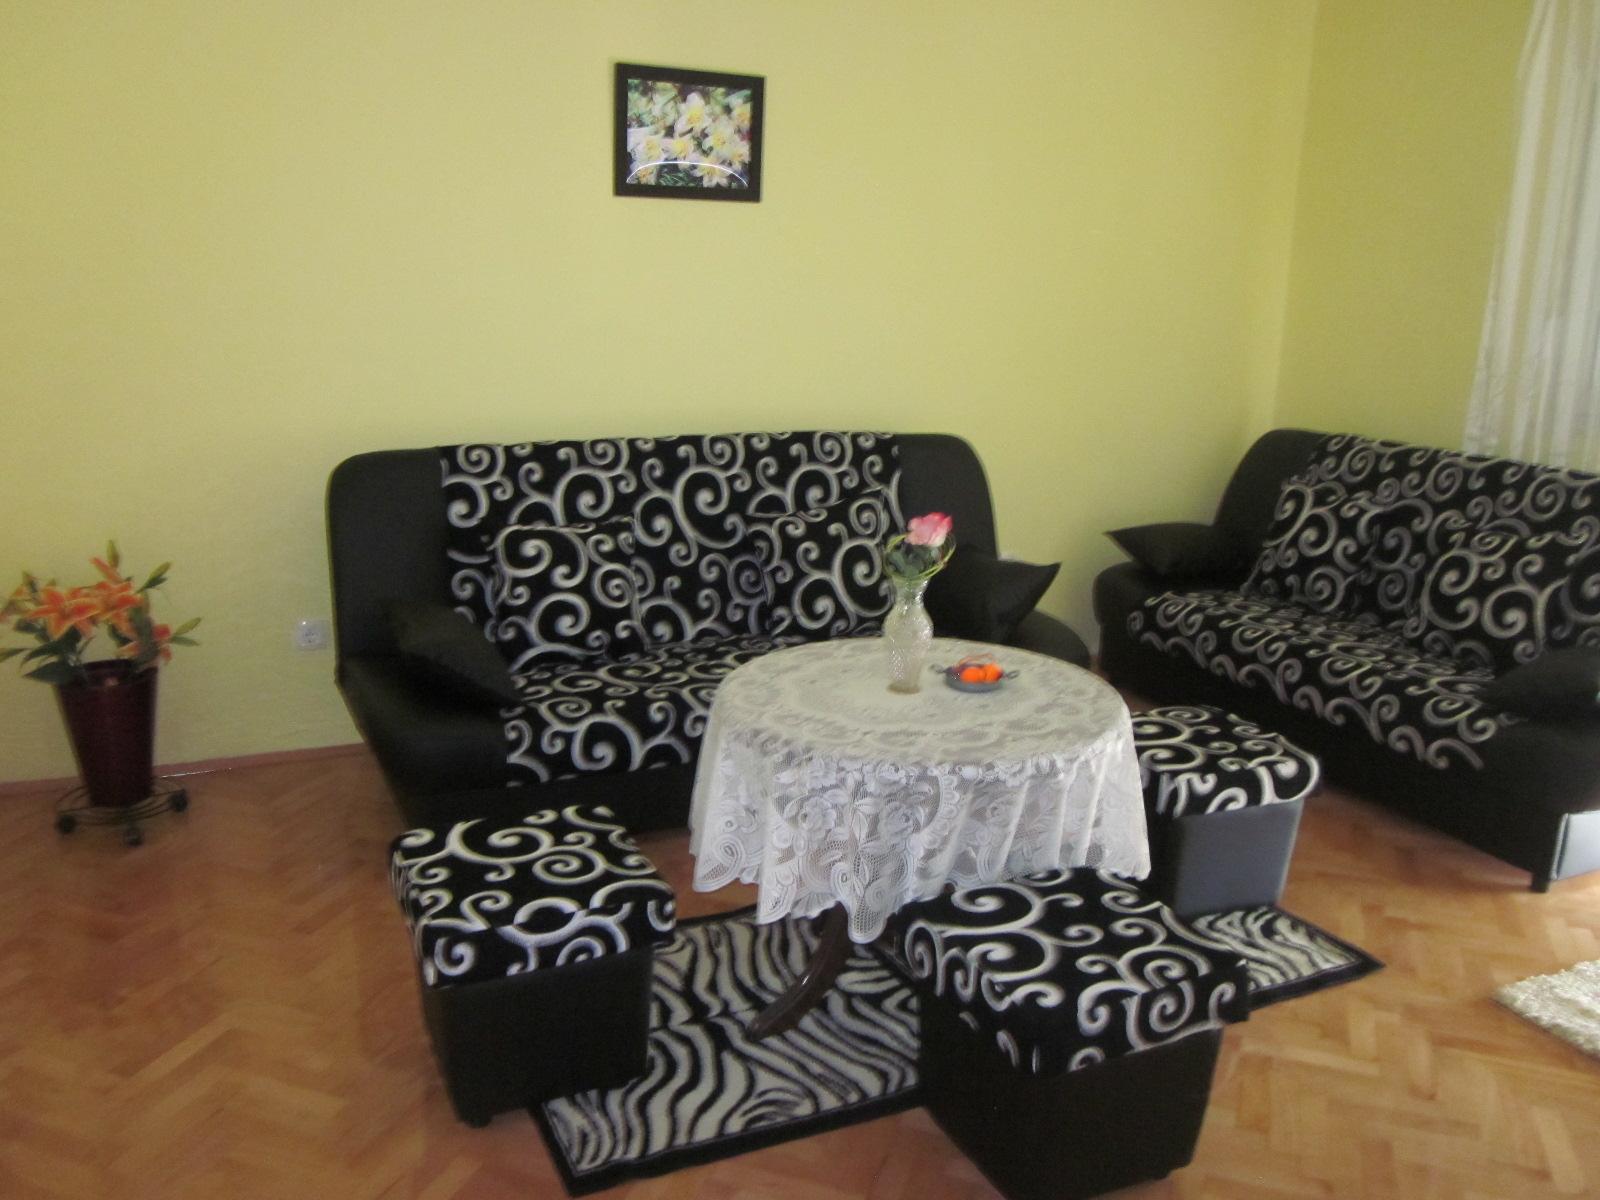 RE: Möbel nach Kroatien transportieren oder second hand kaufen? - 2